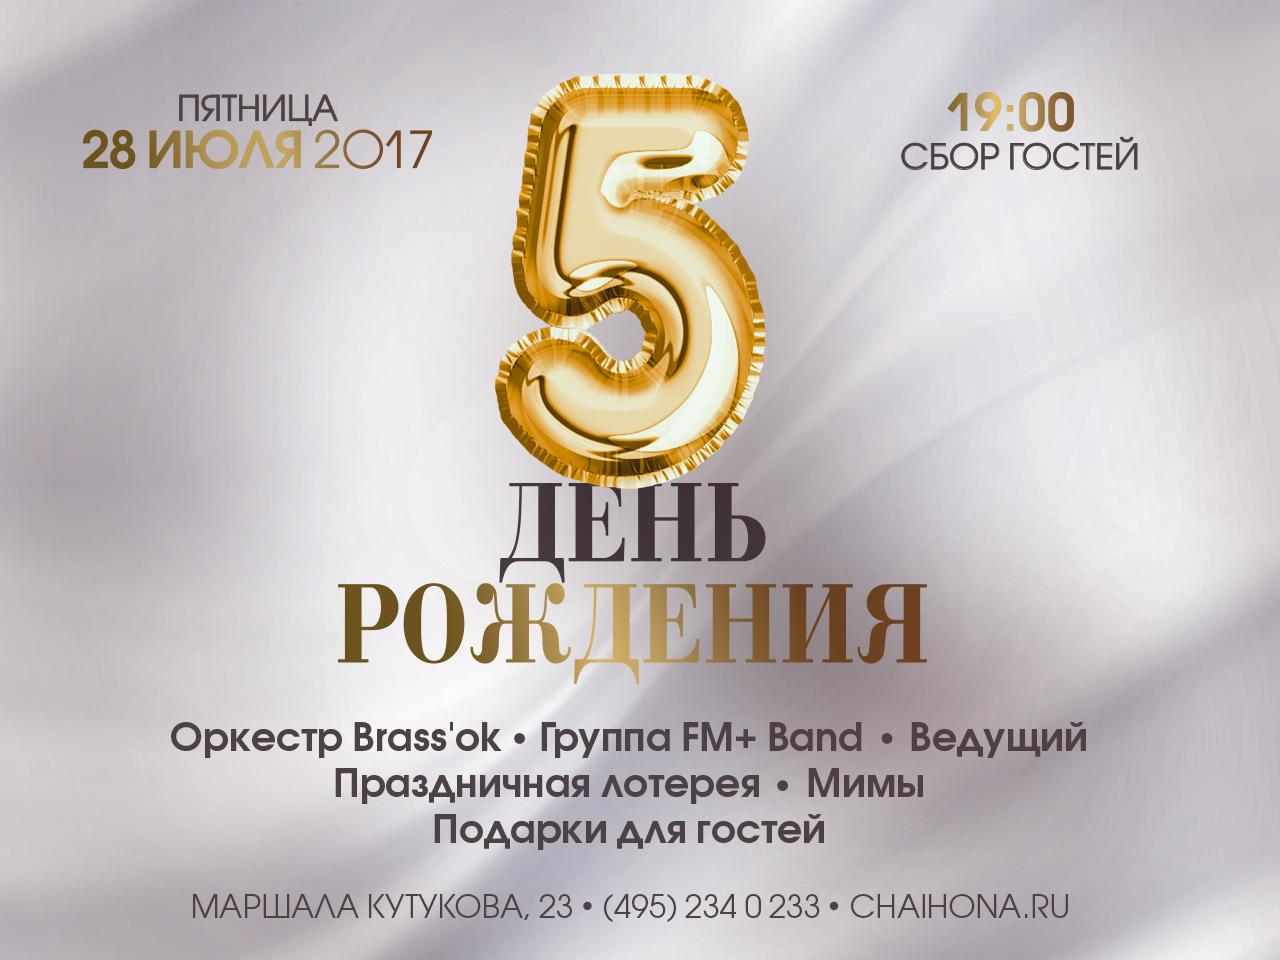 ЖАРА В СТРОГИНО! Чайхоне №1 — 5 лет!